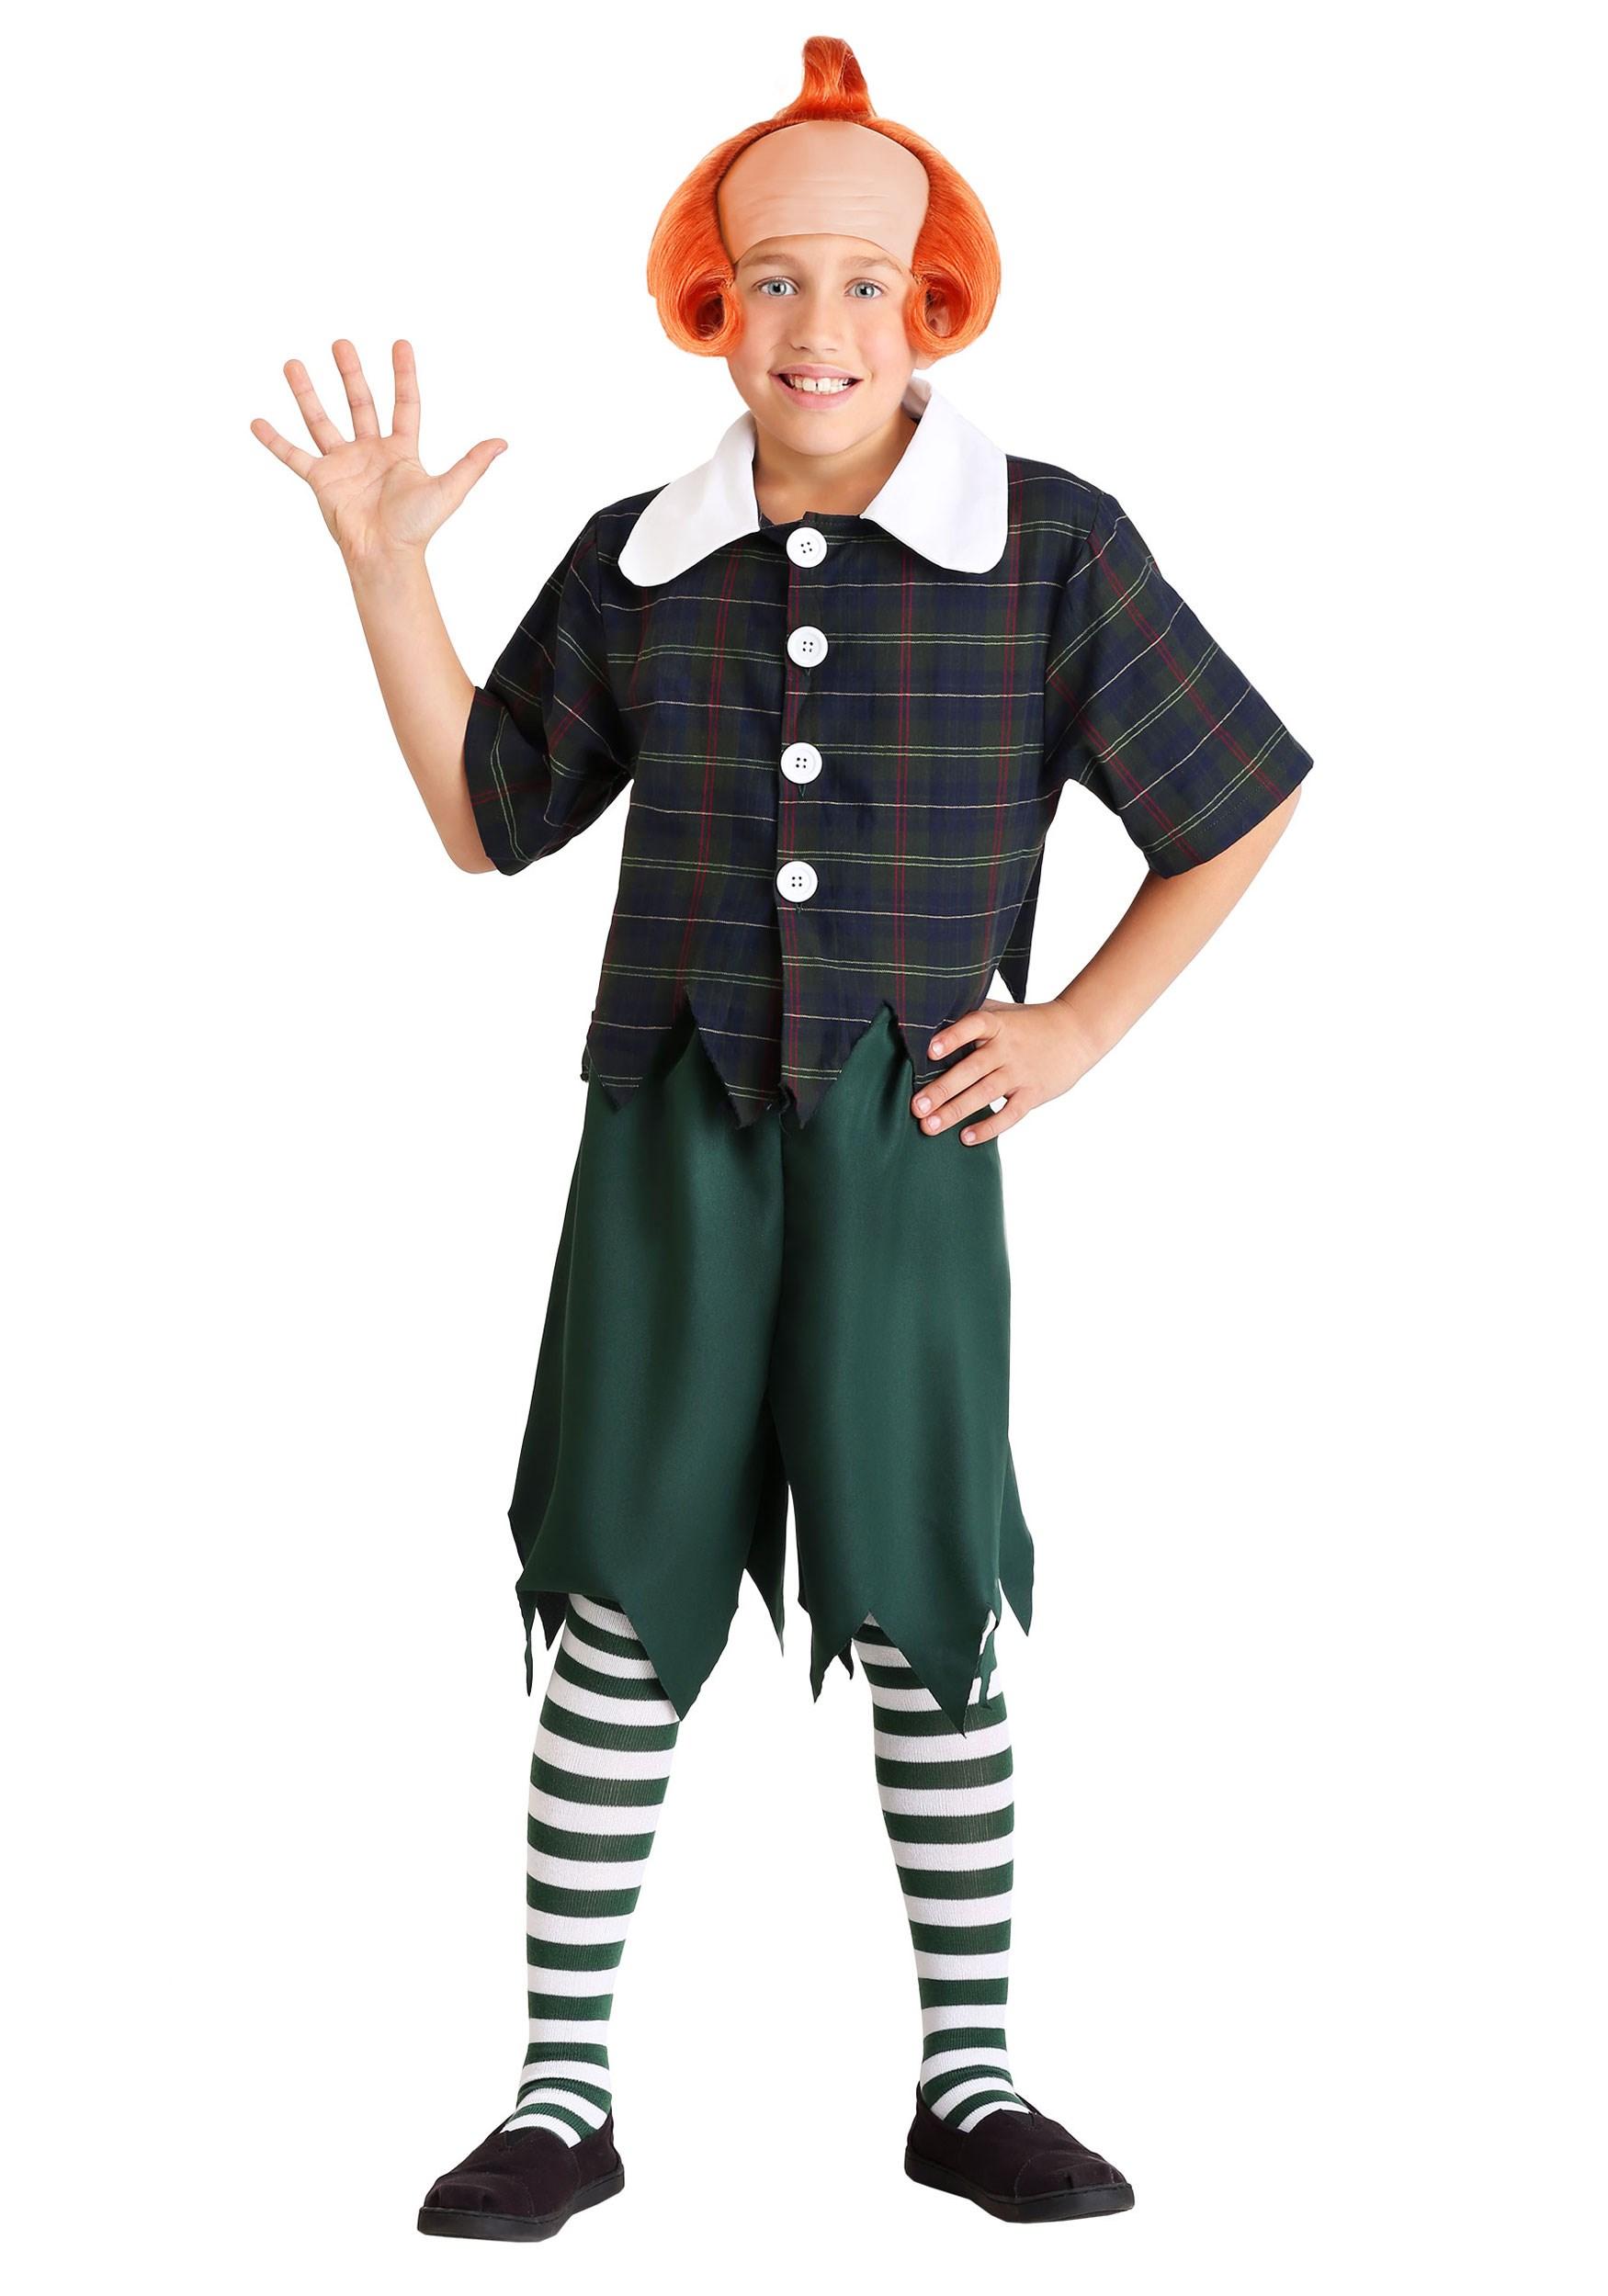 Munchkin Kids Costume